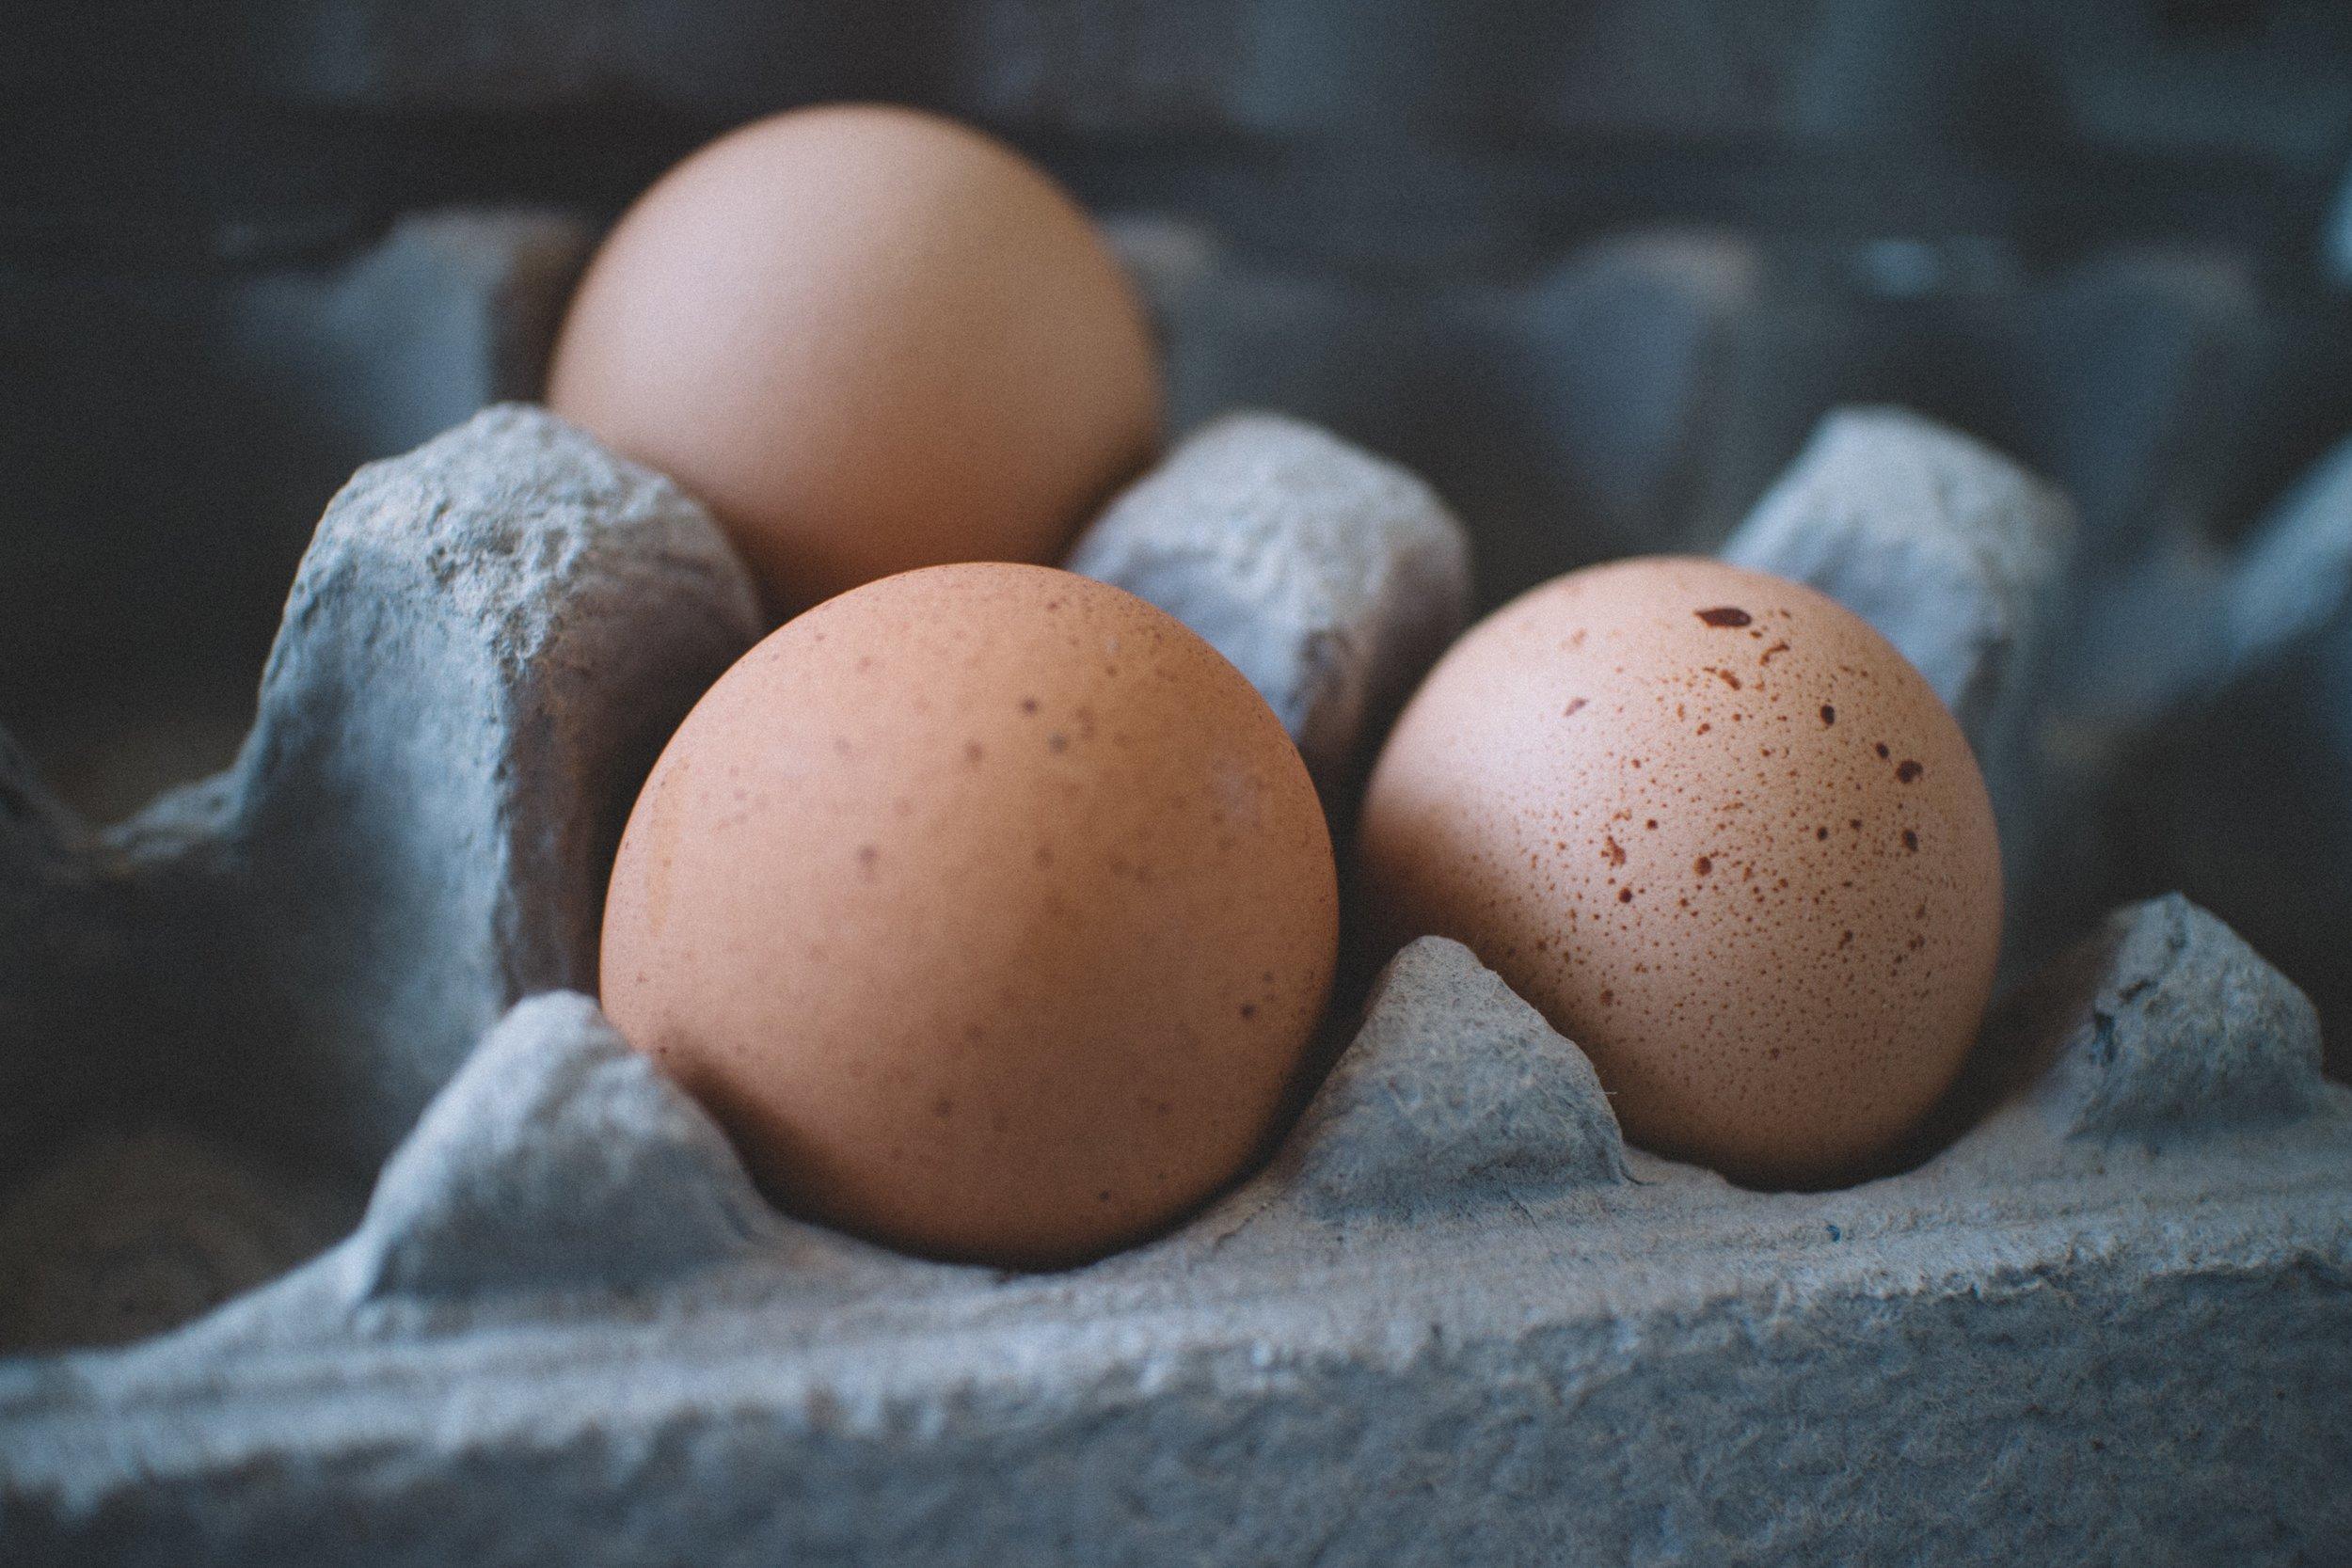 chicken-eggs-close-up-egg-tray-600615.jpg